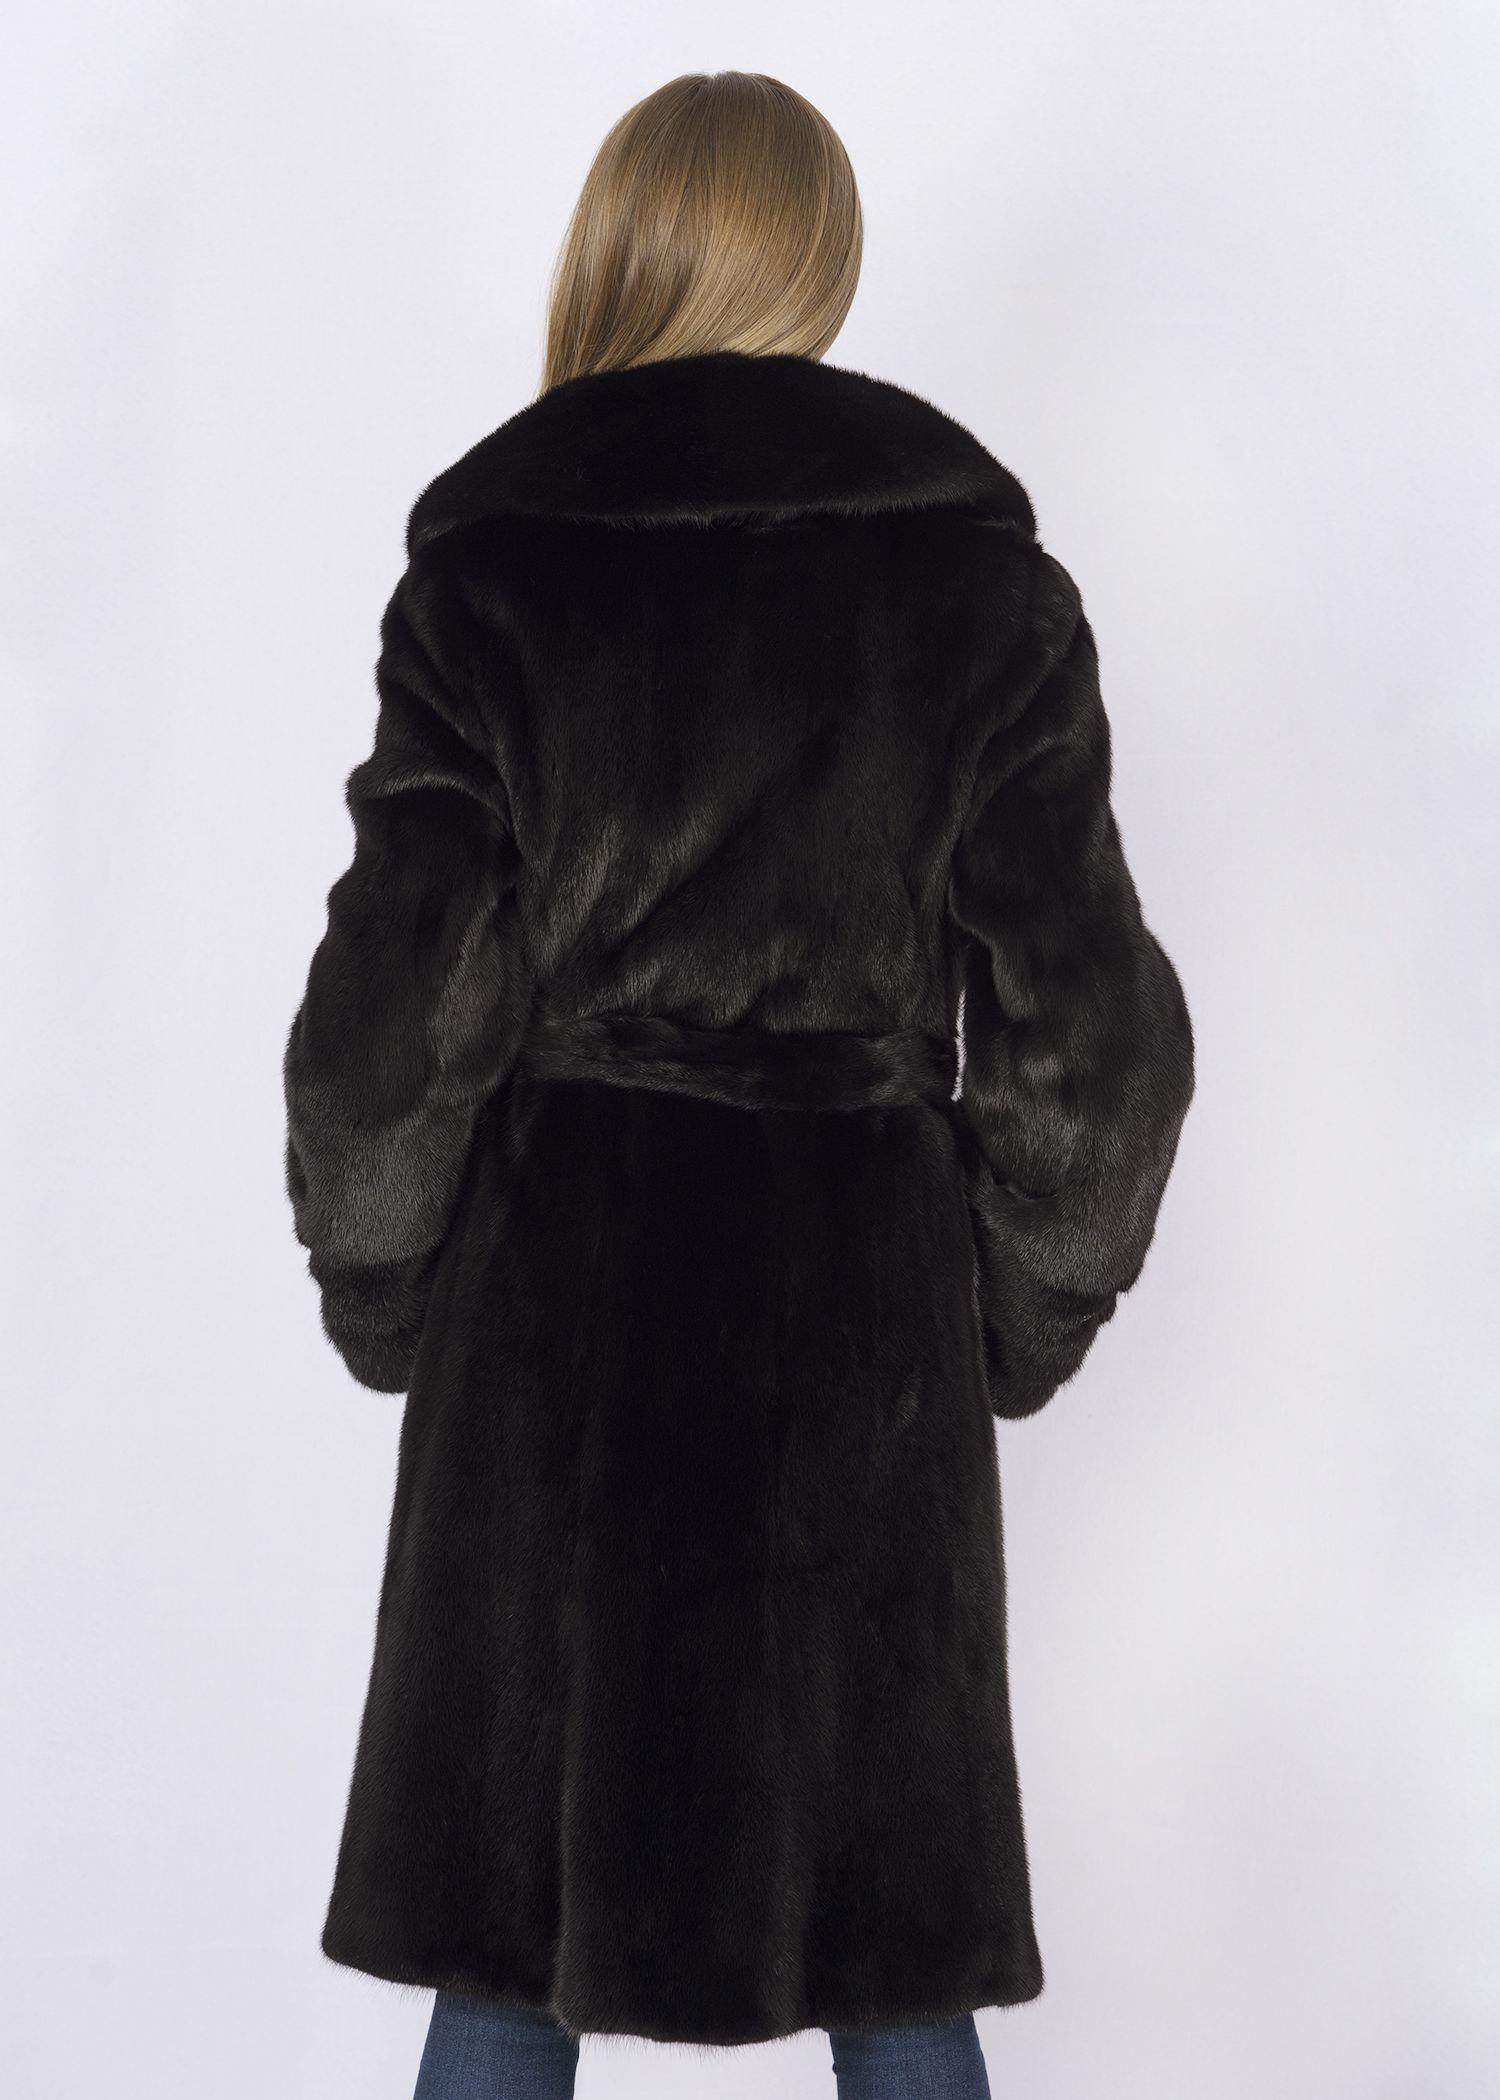 Шуба женская норковая D0913F фото №1